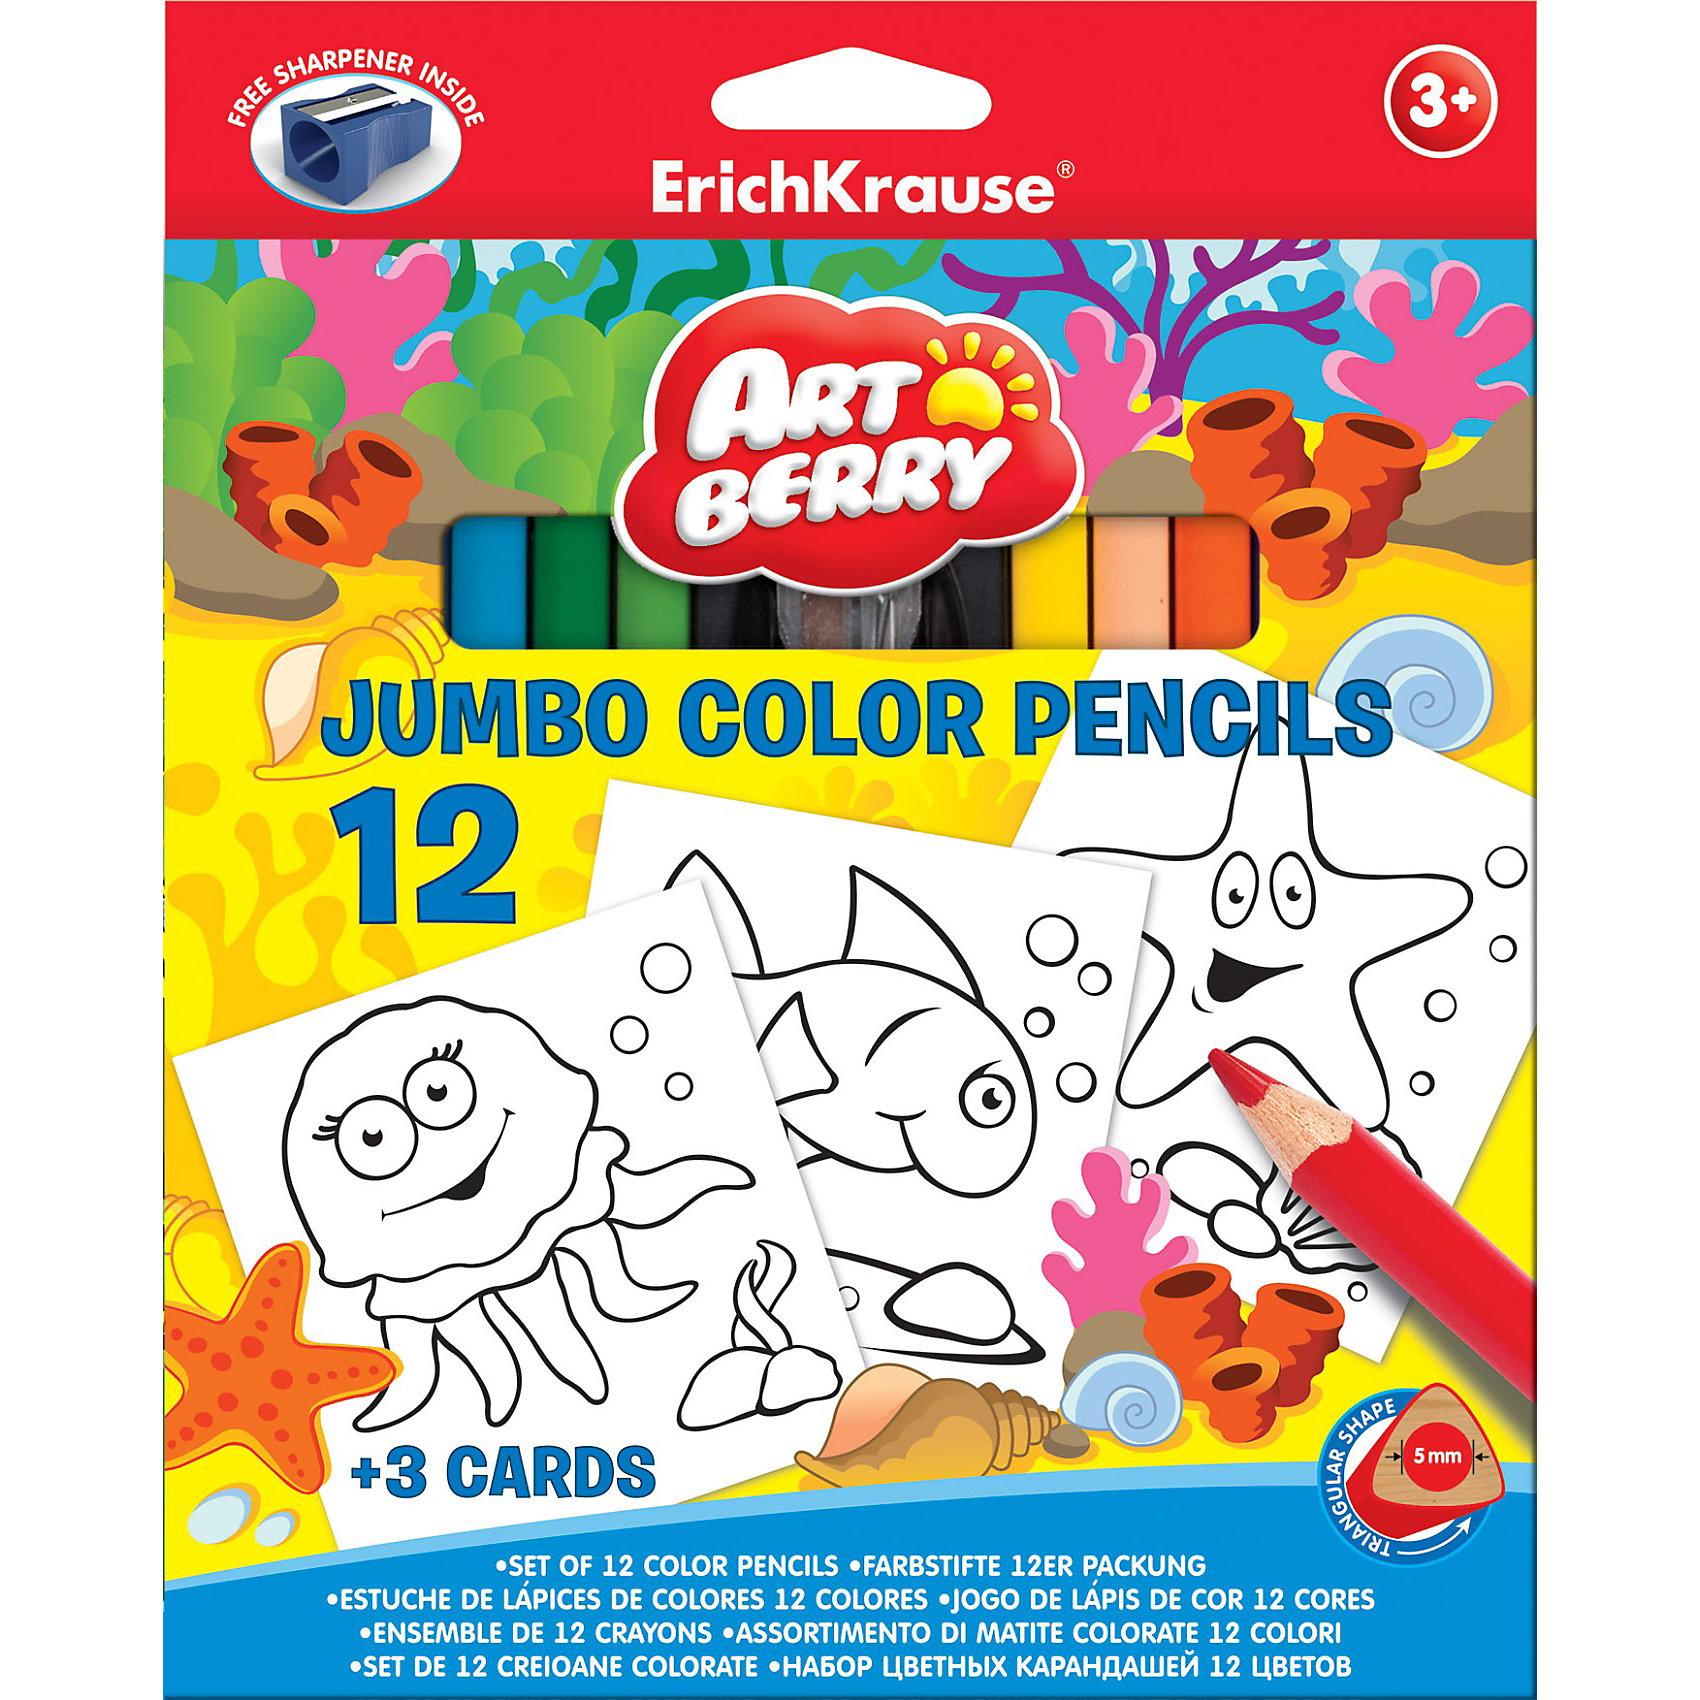 Цветные карандаши, 12цв., треугольн. с точилкой + 3 раскраски. Artberry JumboВ набор для творчества Erich Krause (Эрих Краузе) Artberry Jumbo входят цветные карандаши  в корпусе треугольного сечения в количестве 12 шт, точилка и  3 раскраски из картона. На раскрасках нанесены черно-белые контуры морских обитателей: осьминога, рыбки и звезды. Карандаши ярких цветов легко затачиваются. Набор способствует развитию творческих навыков у детей.<br><br>Дополнительная информация:<br><br>- грифель диаметром 5.0мм<br>- корпус треугольный<br><br>Цветные карандаши, 12цв., треугольн. с точилкой + 3 раскраски. Artberry Jumbo можно купить в нашем магазине.<br><br>Ширина мм: 215<br>Глубина мм: 175<br>Высота мм: 15<br>Вес г: 208<br>Возраст от месяцев: 36<br>Возраст до месяцев: 72<br>Пол: Унисекс<br>Возраст: Детский<br>SKU: 3525228